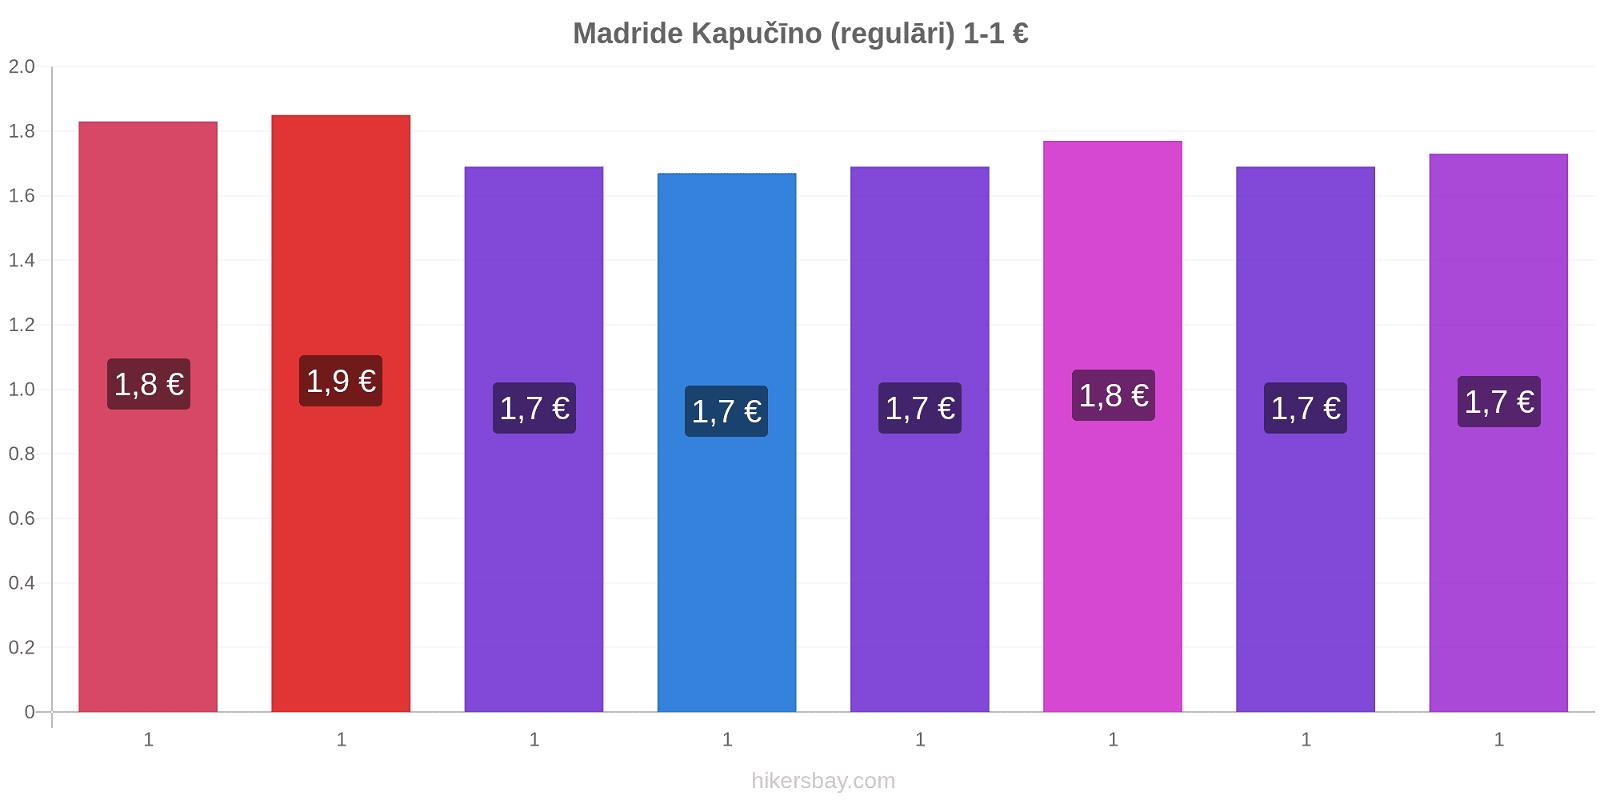 Madride cenu izmaiņas Kapučīno (regulāri) hikersbay.com